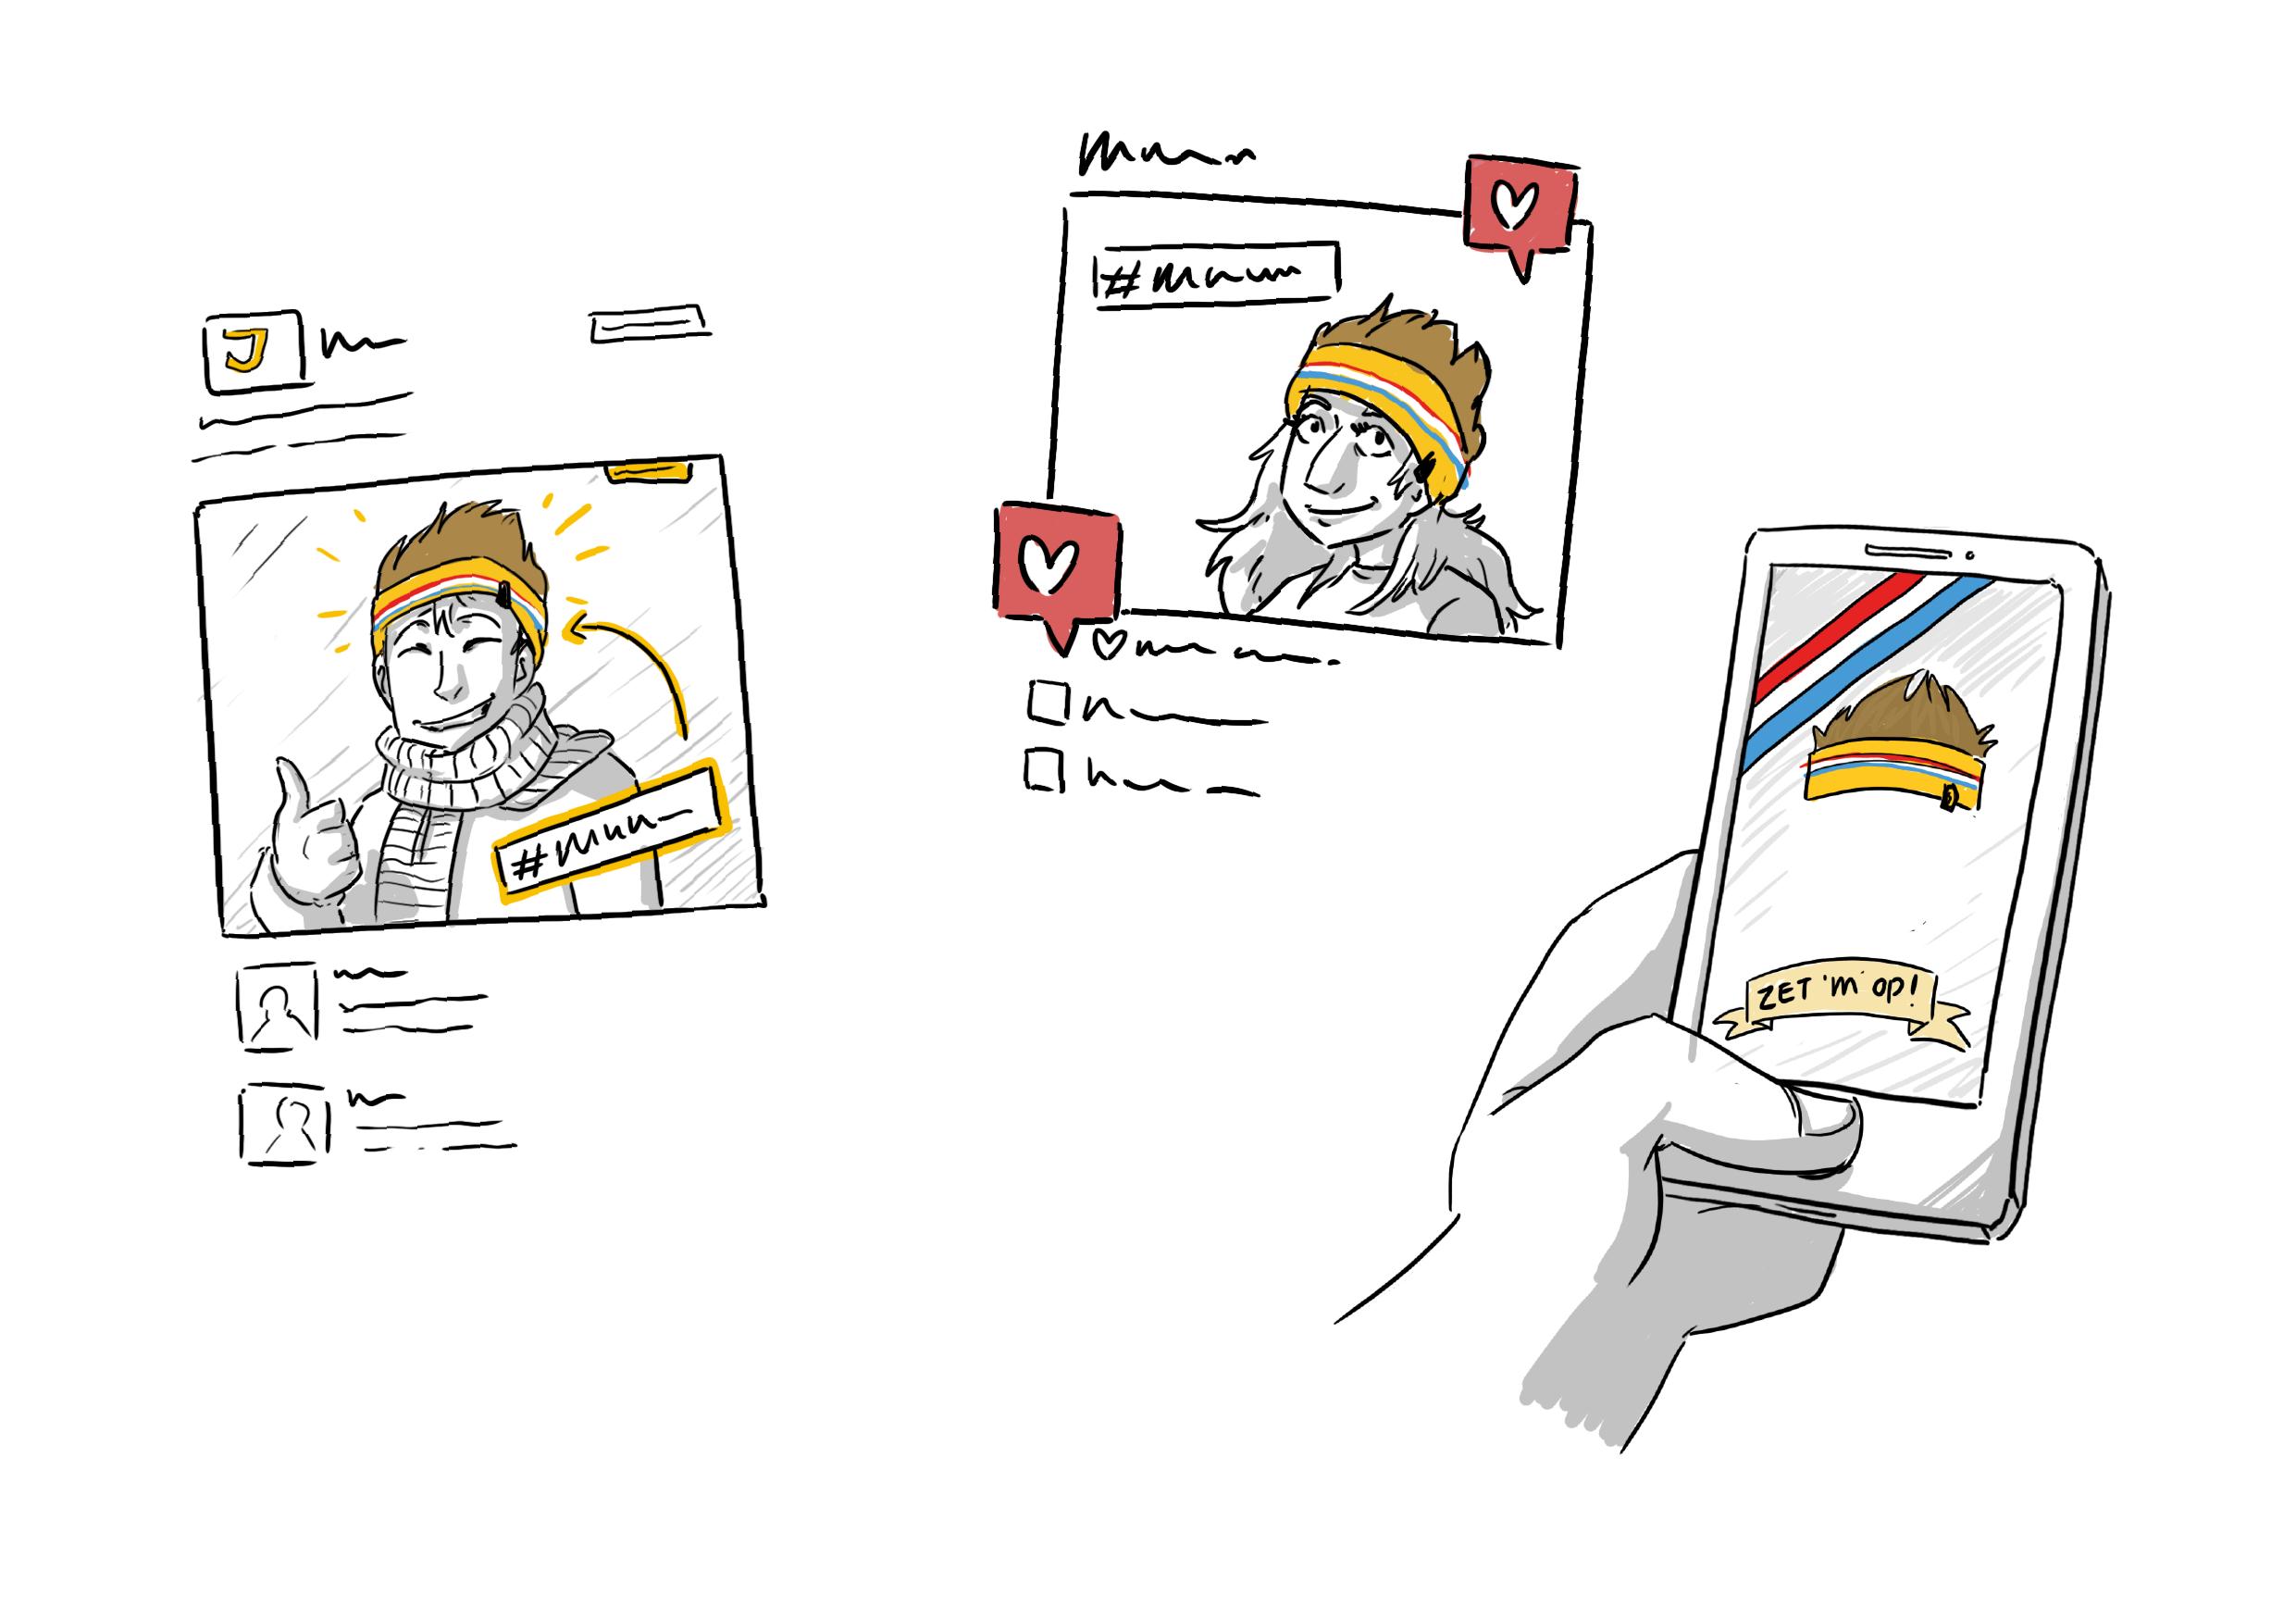 Jumbo supermarkten illustratie